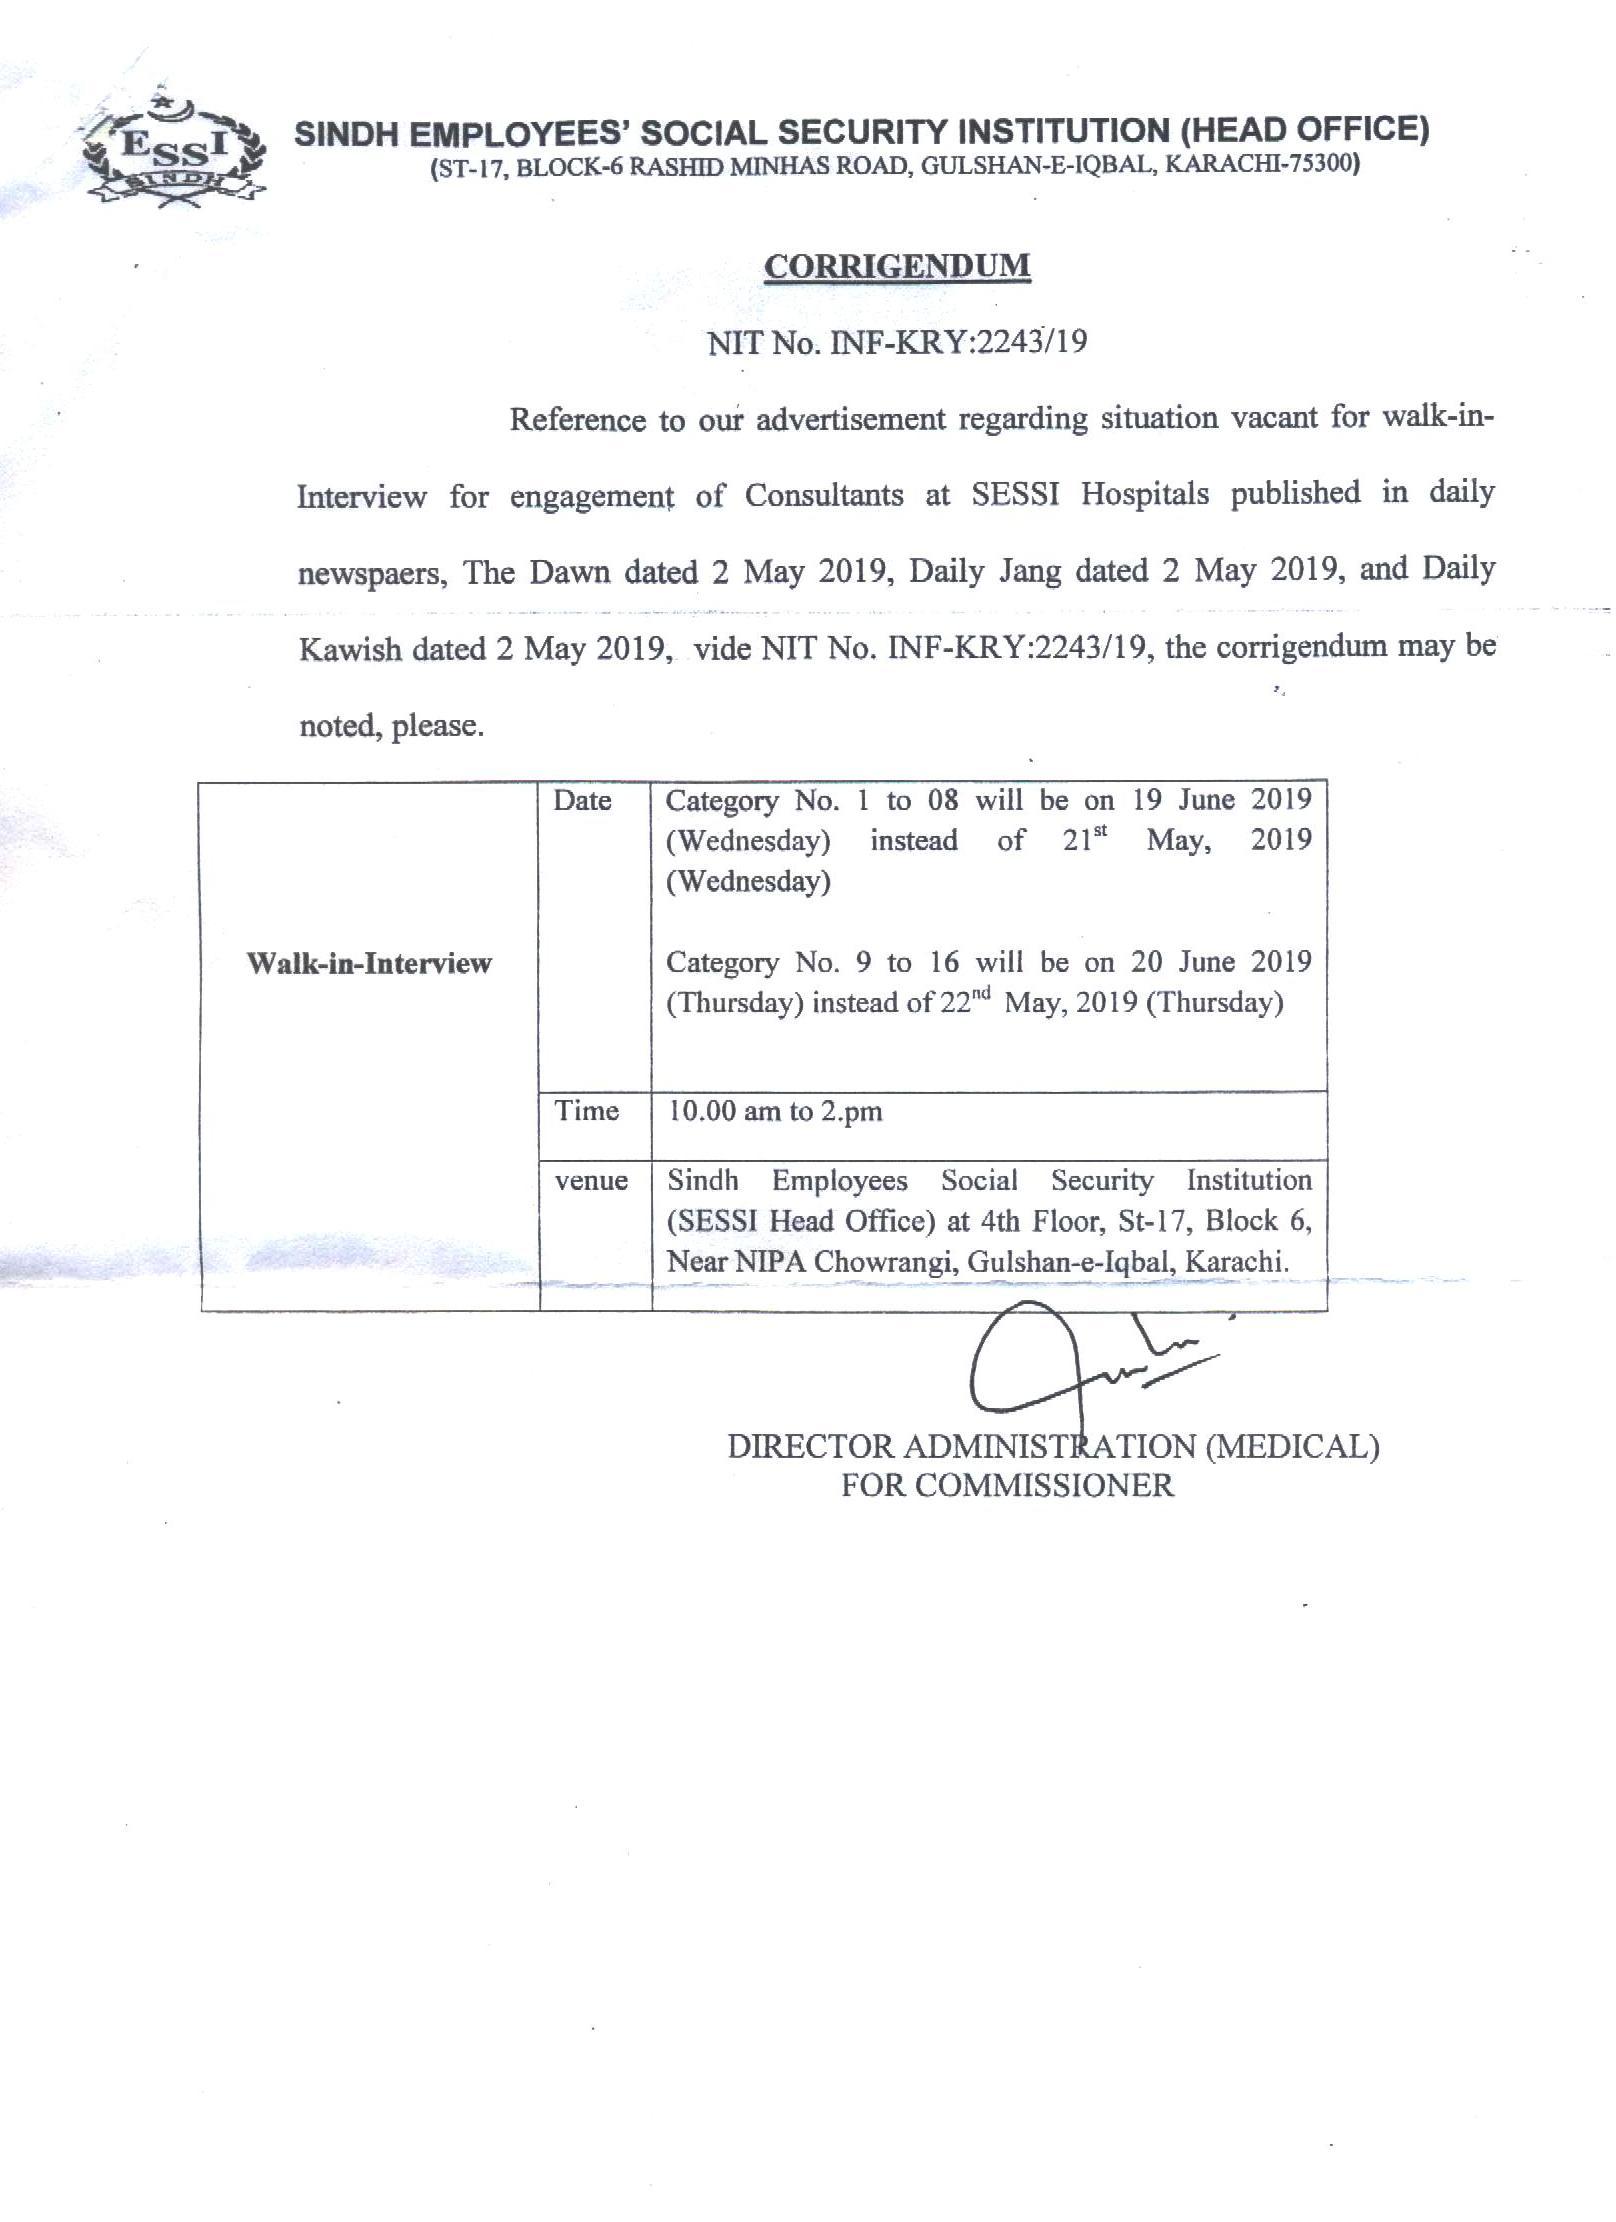 SESSI- Govt  of Sindh